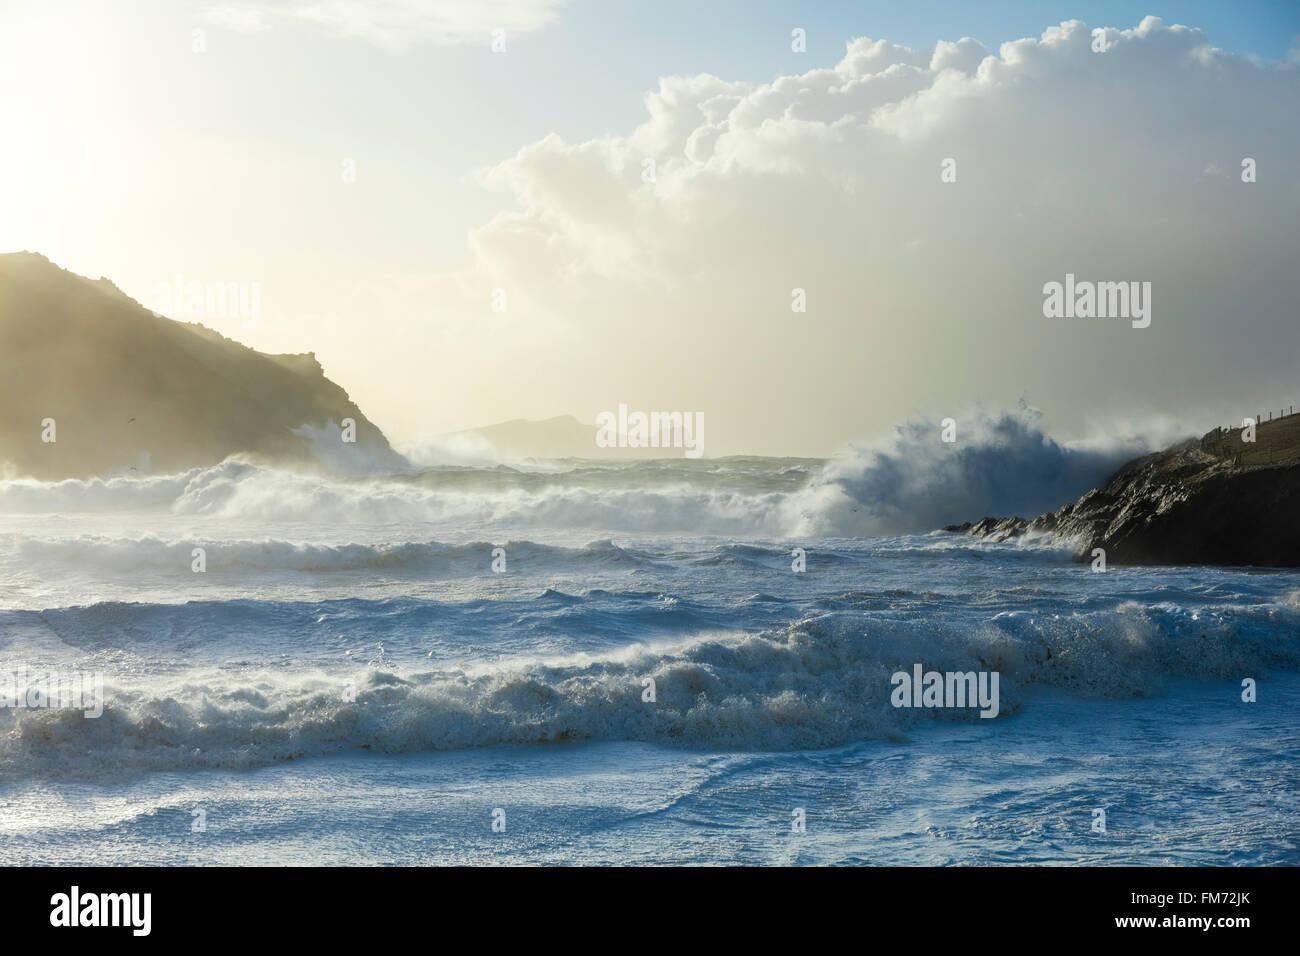 Olas rompiendo en la Bahía de Clogher, la península Dingle, Condado de Kerry, Irlanda. Imagen De Stock